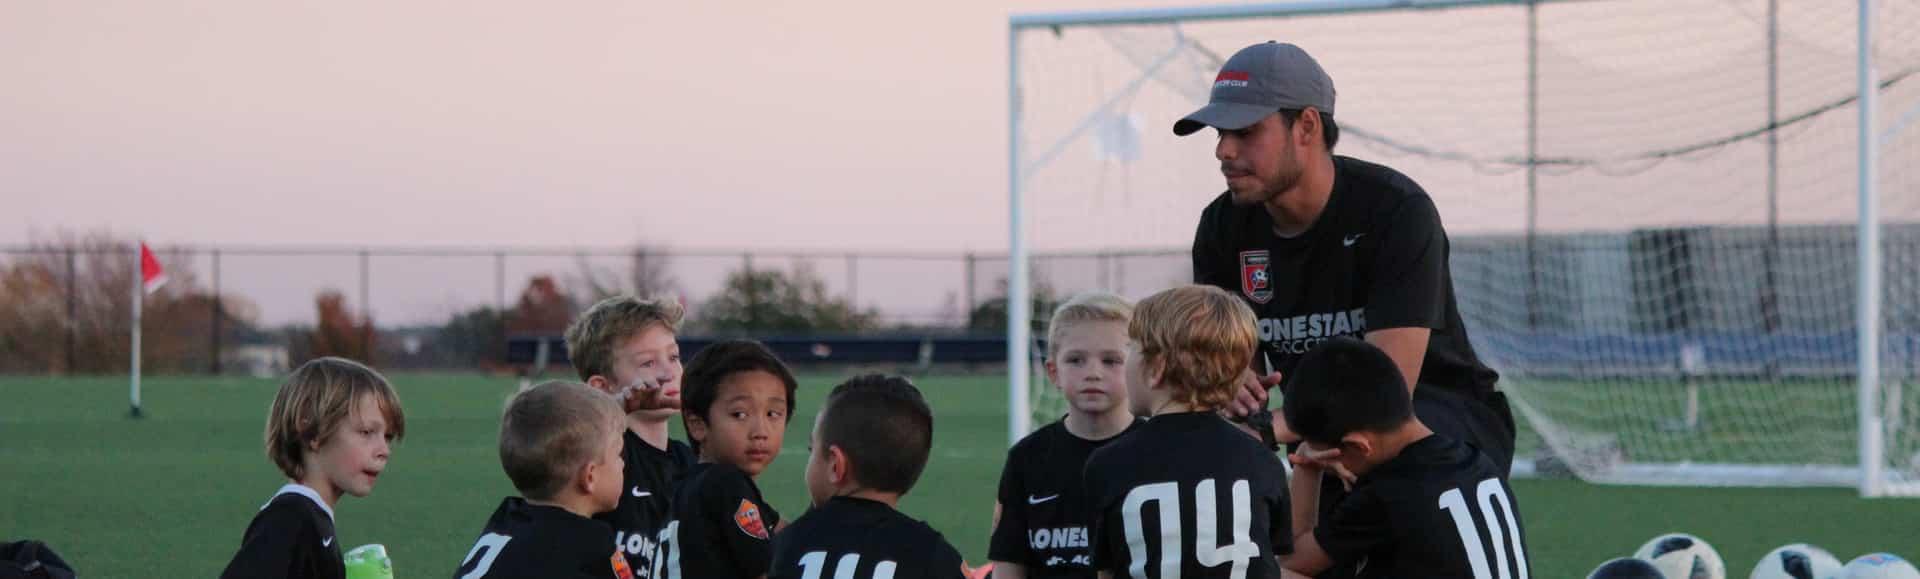 La psicología deportiva como disciplina educativa y ¿reeducativa? | Unisport Management School